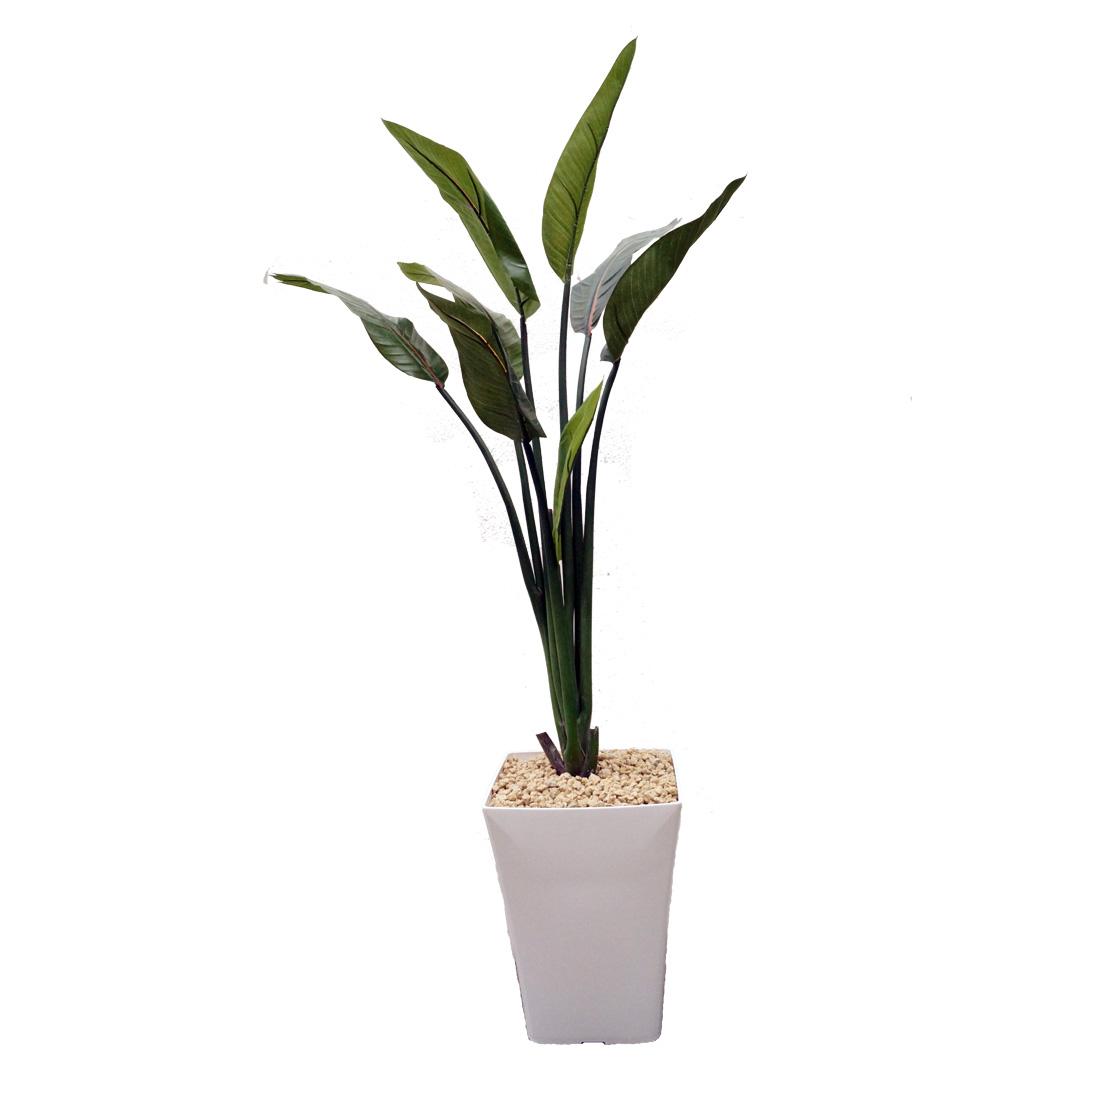 ストレチア1.25m インテリアグリーン(光触媒) 人工樹木